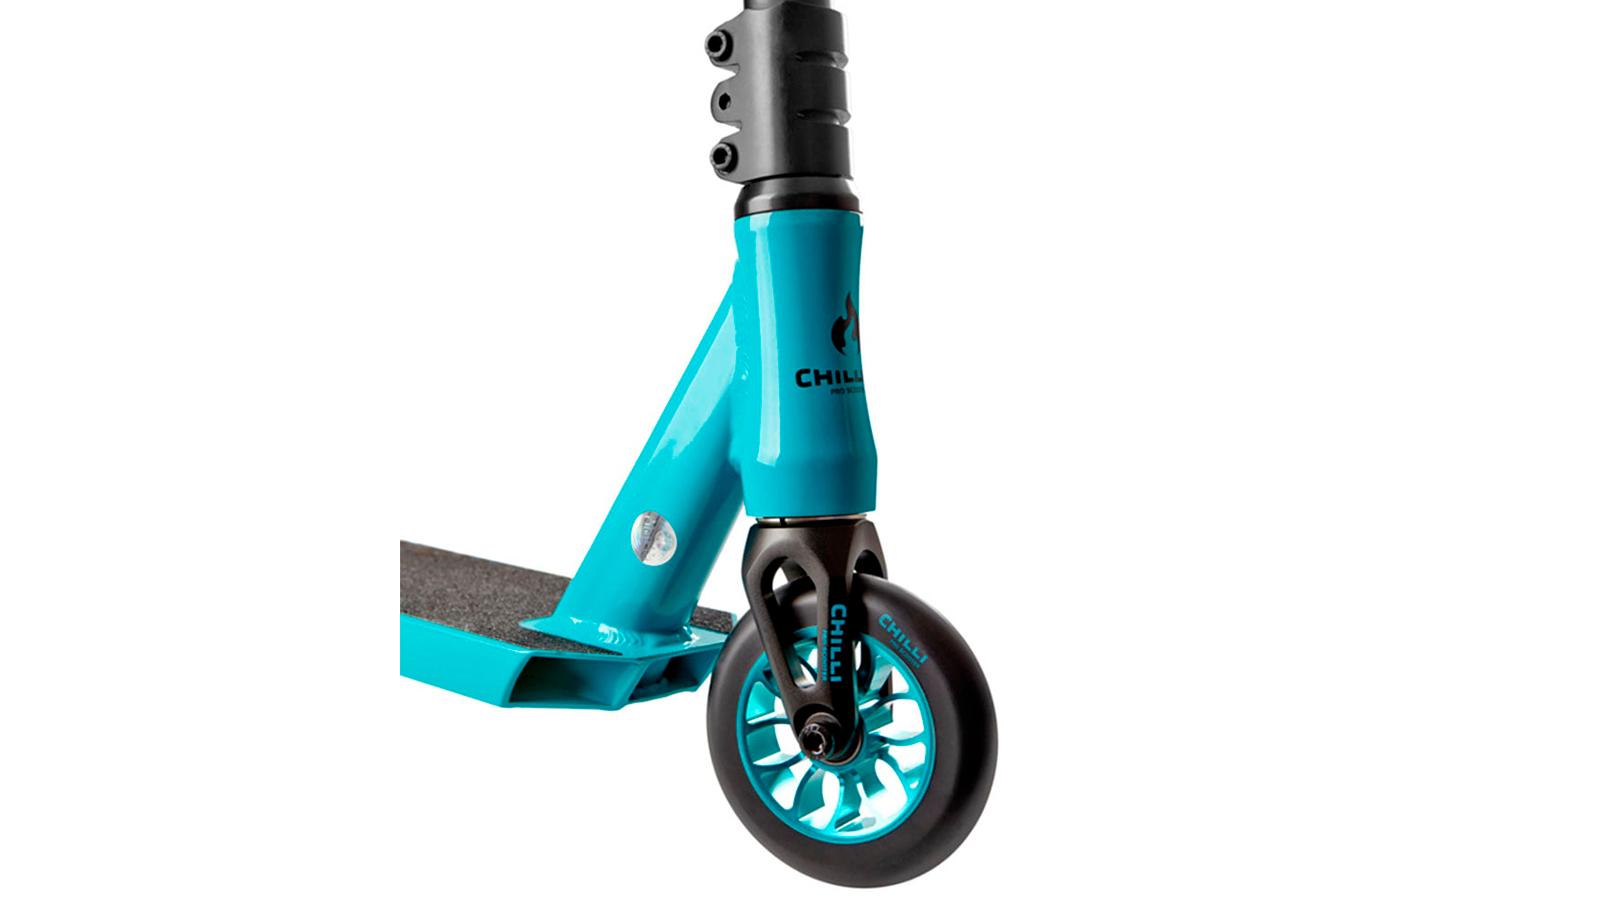 переднее колесо и рулевая стойка трюкового самоката